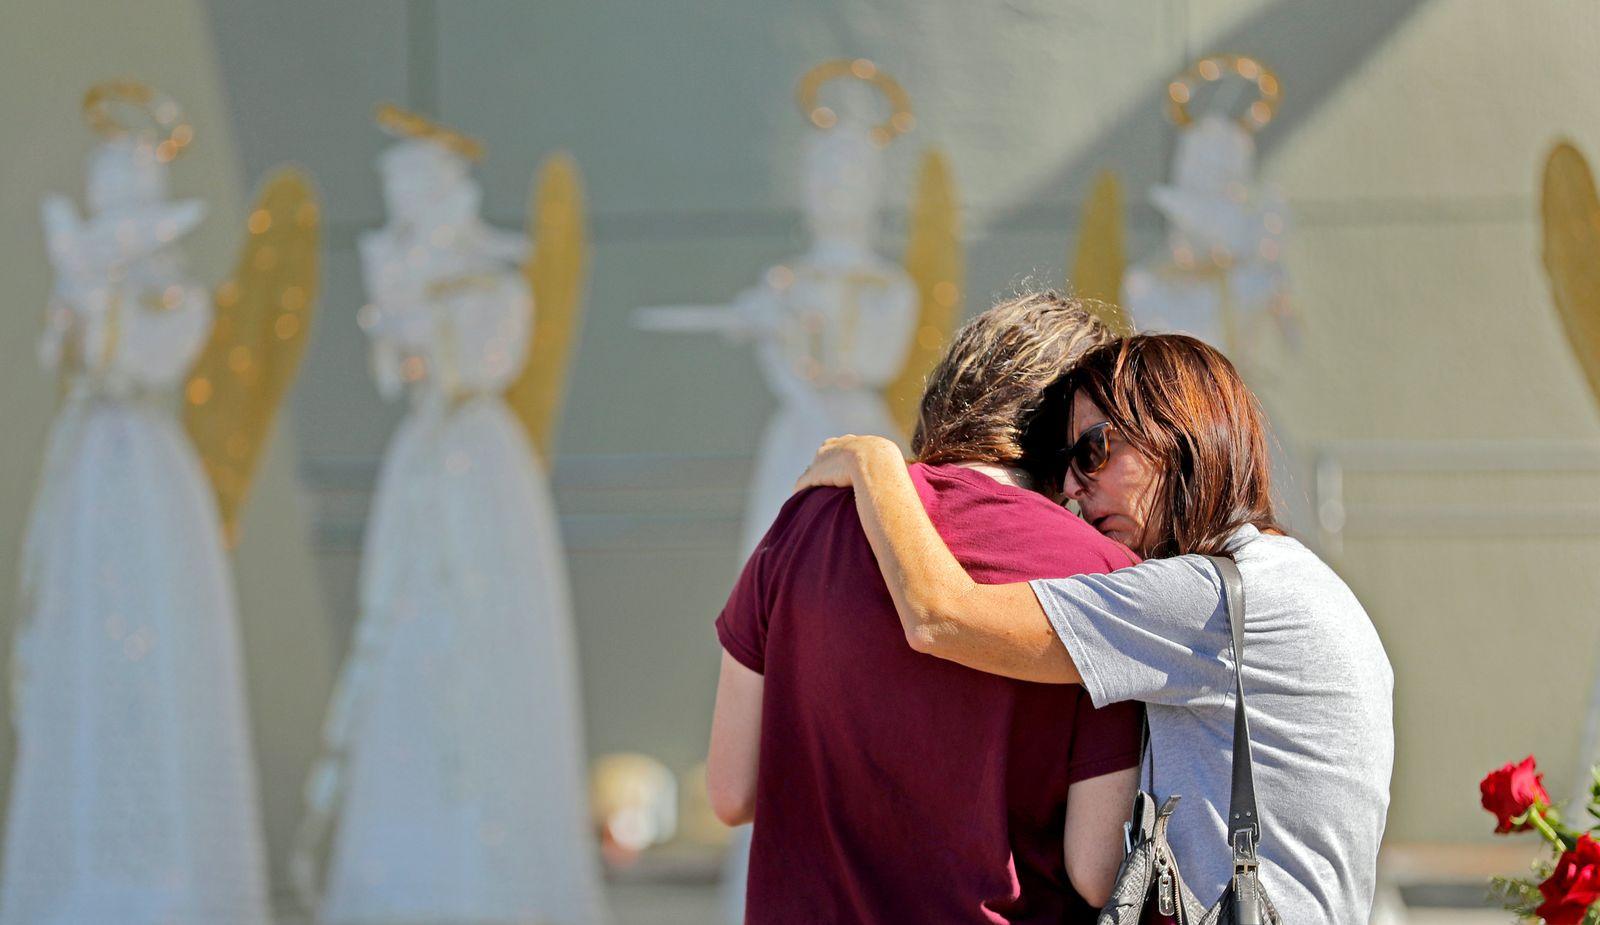 Massaker an Highschool in Florida